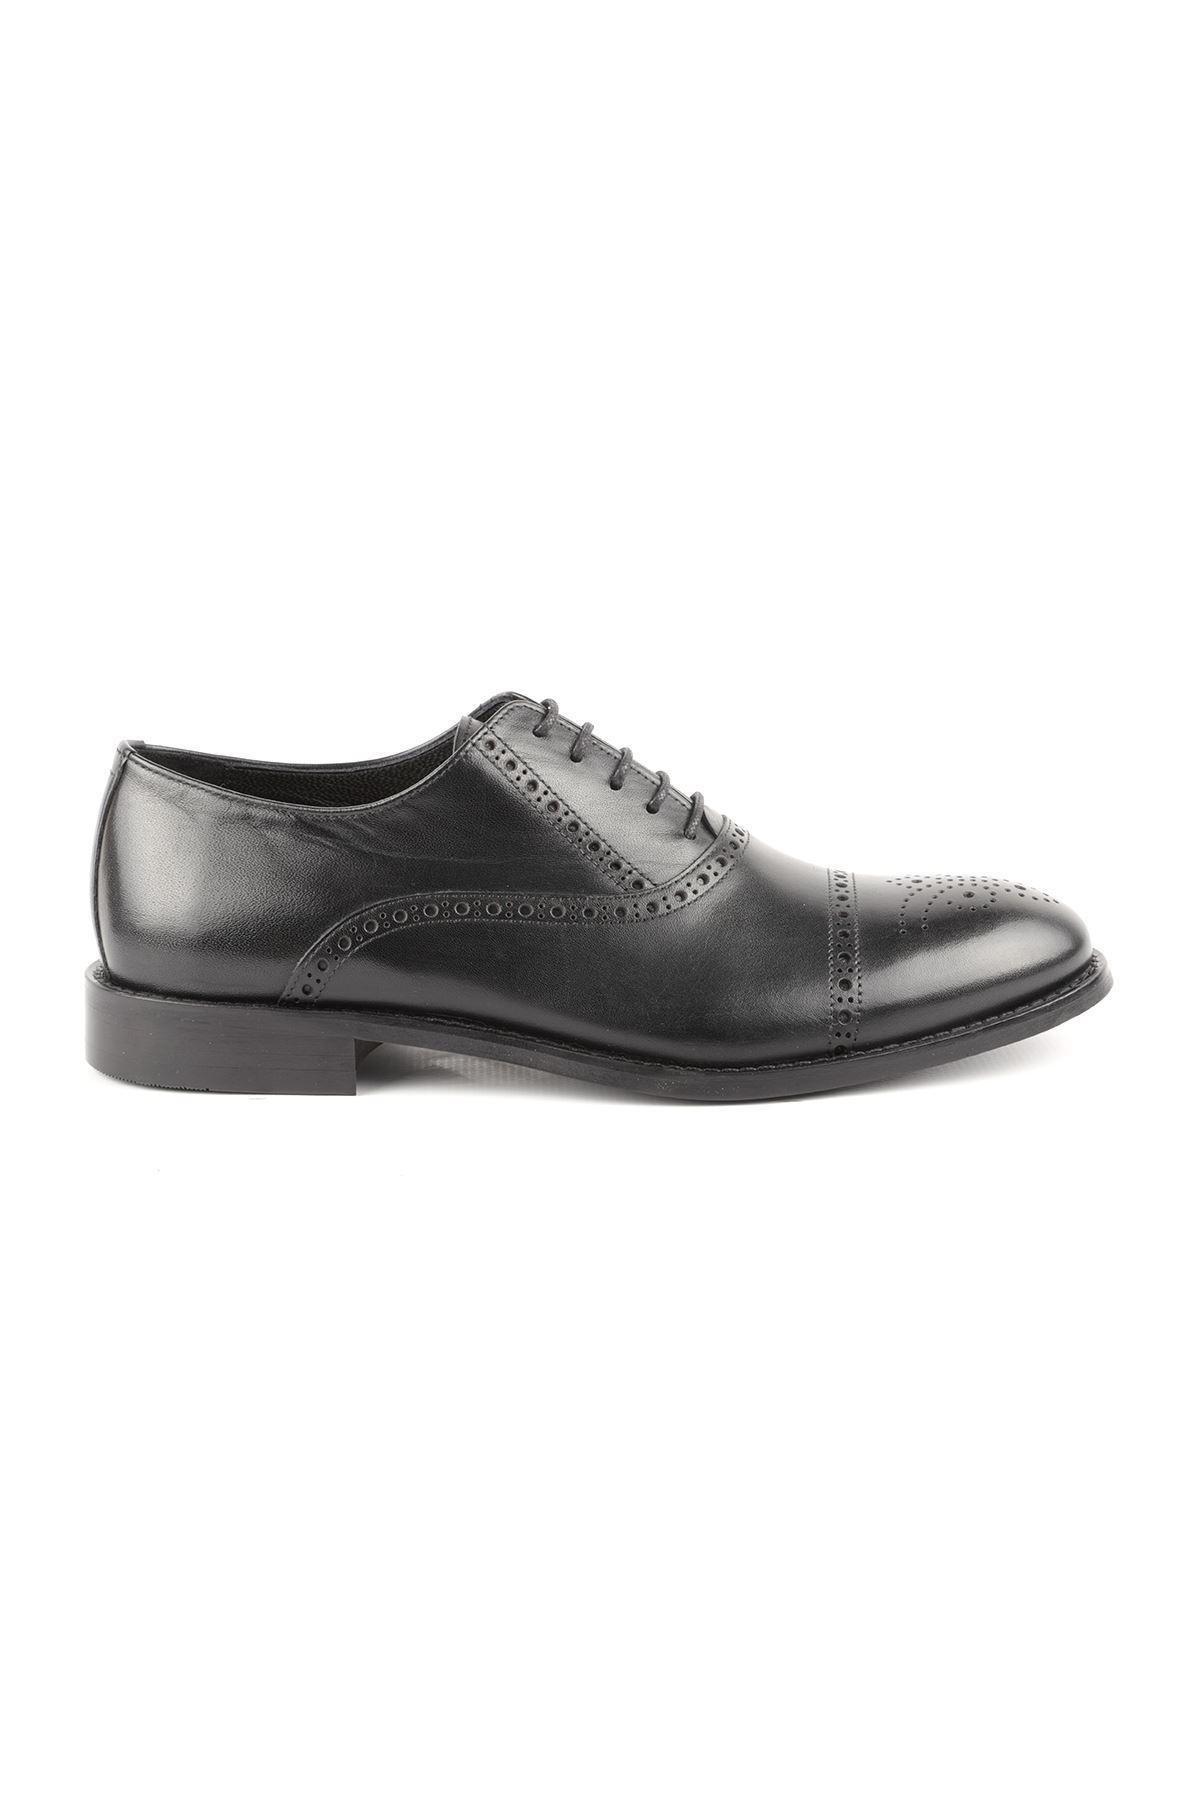 Libero L3698 Black Classic Men Shoes